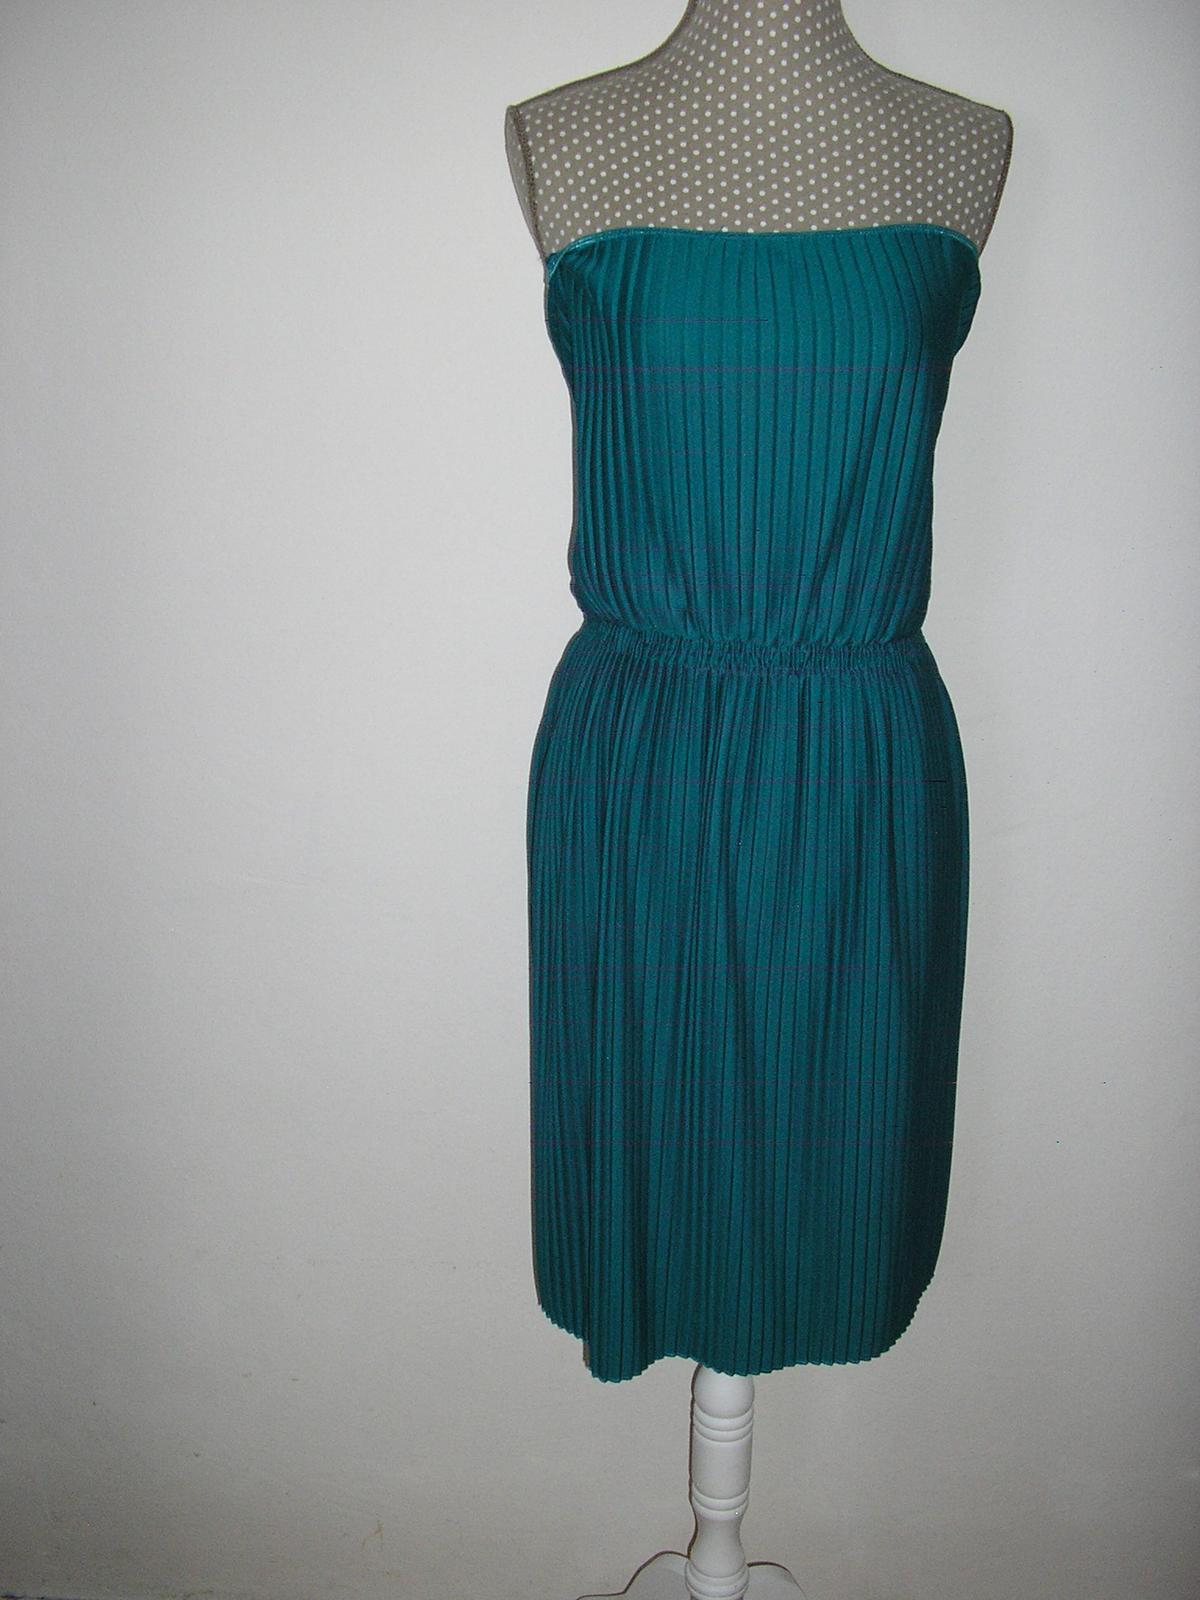 271. Tyrkysové šaty ASOS  - Obrázok č. 1